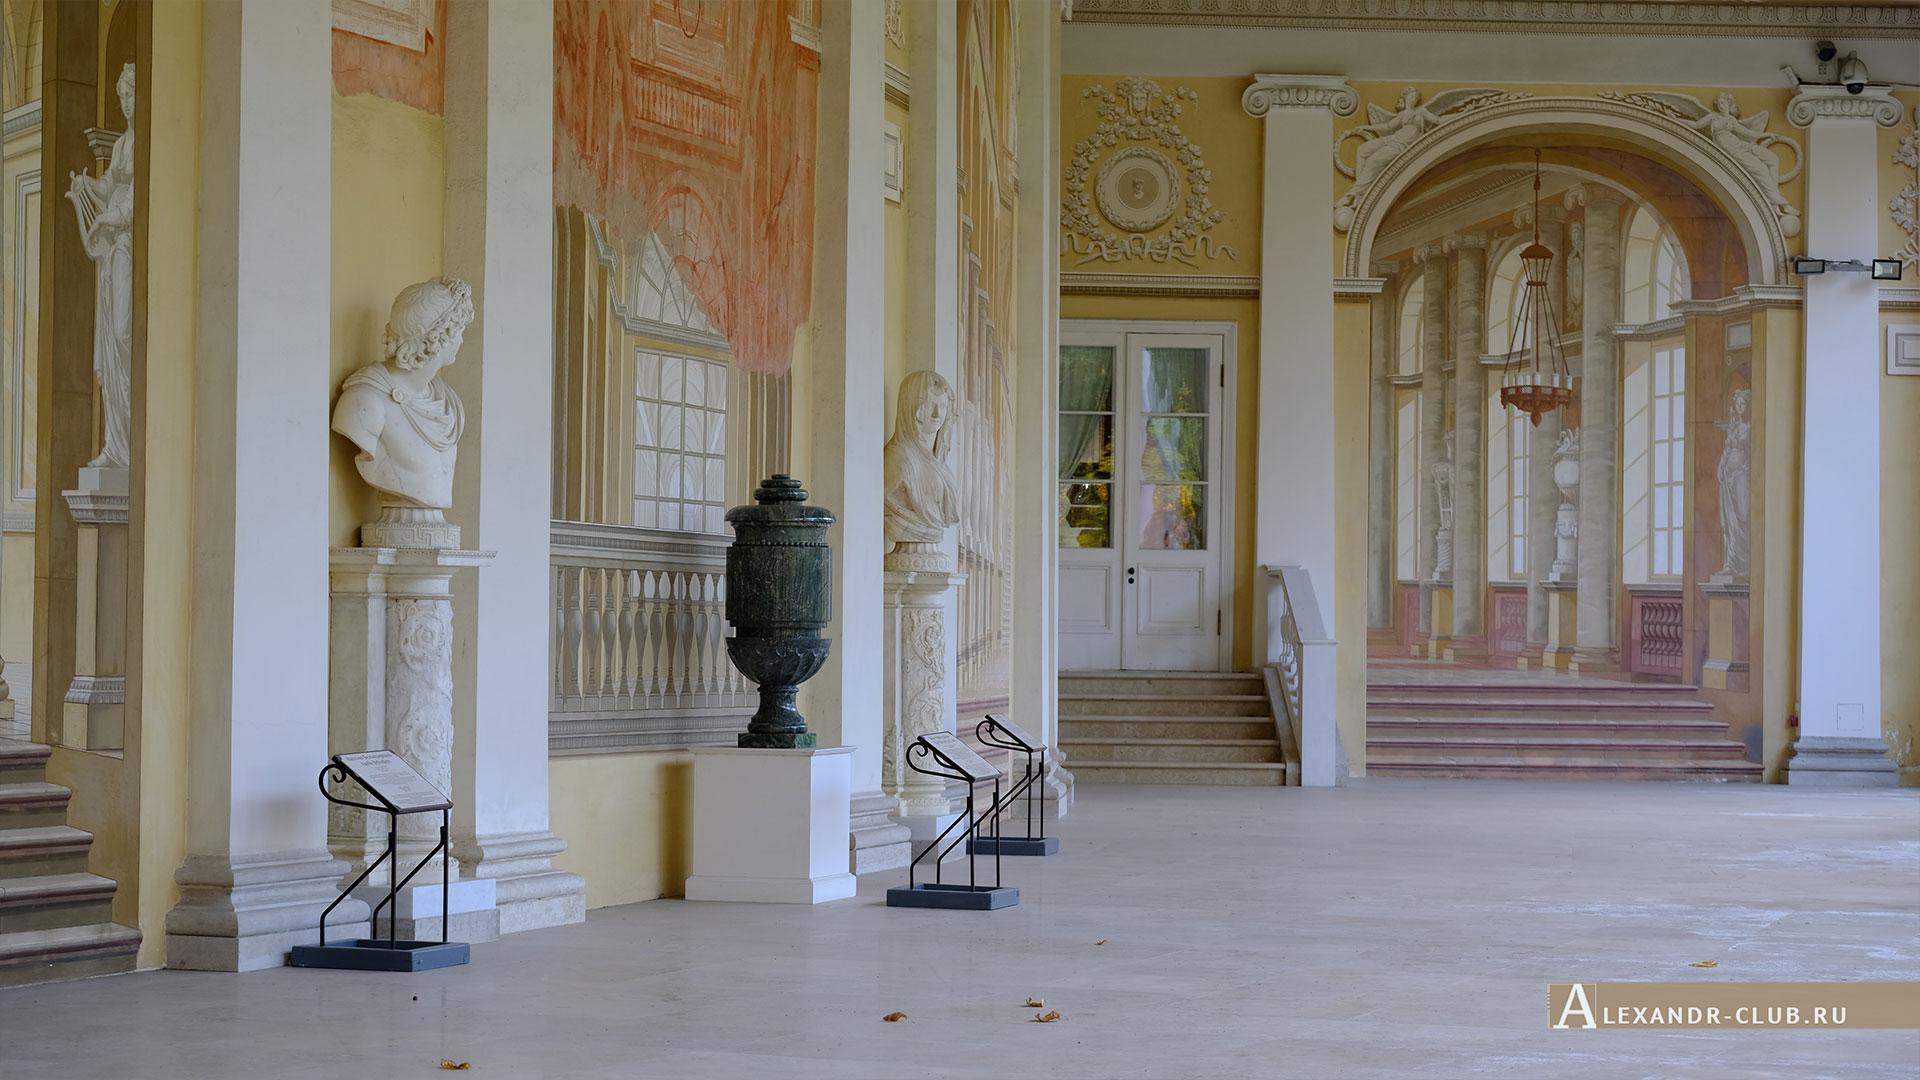 Павловск, осень, Большой Павловский дворец, Галерея Гонзаго